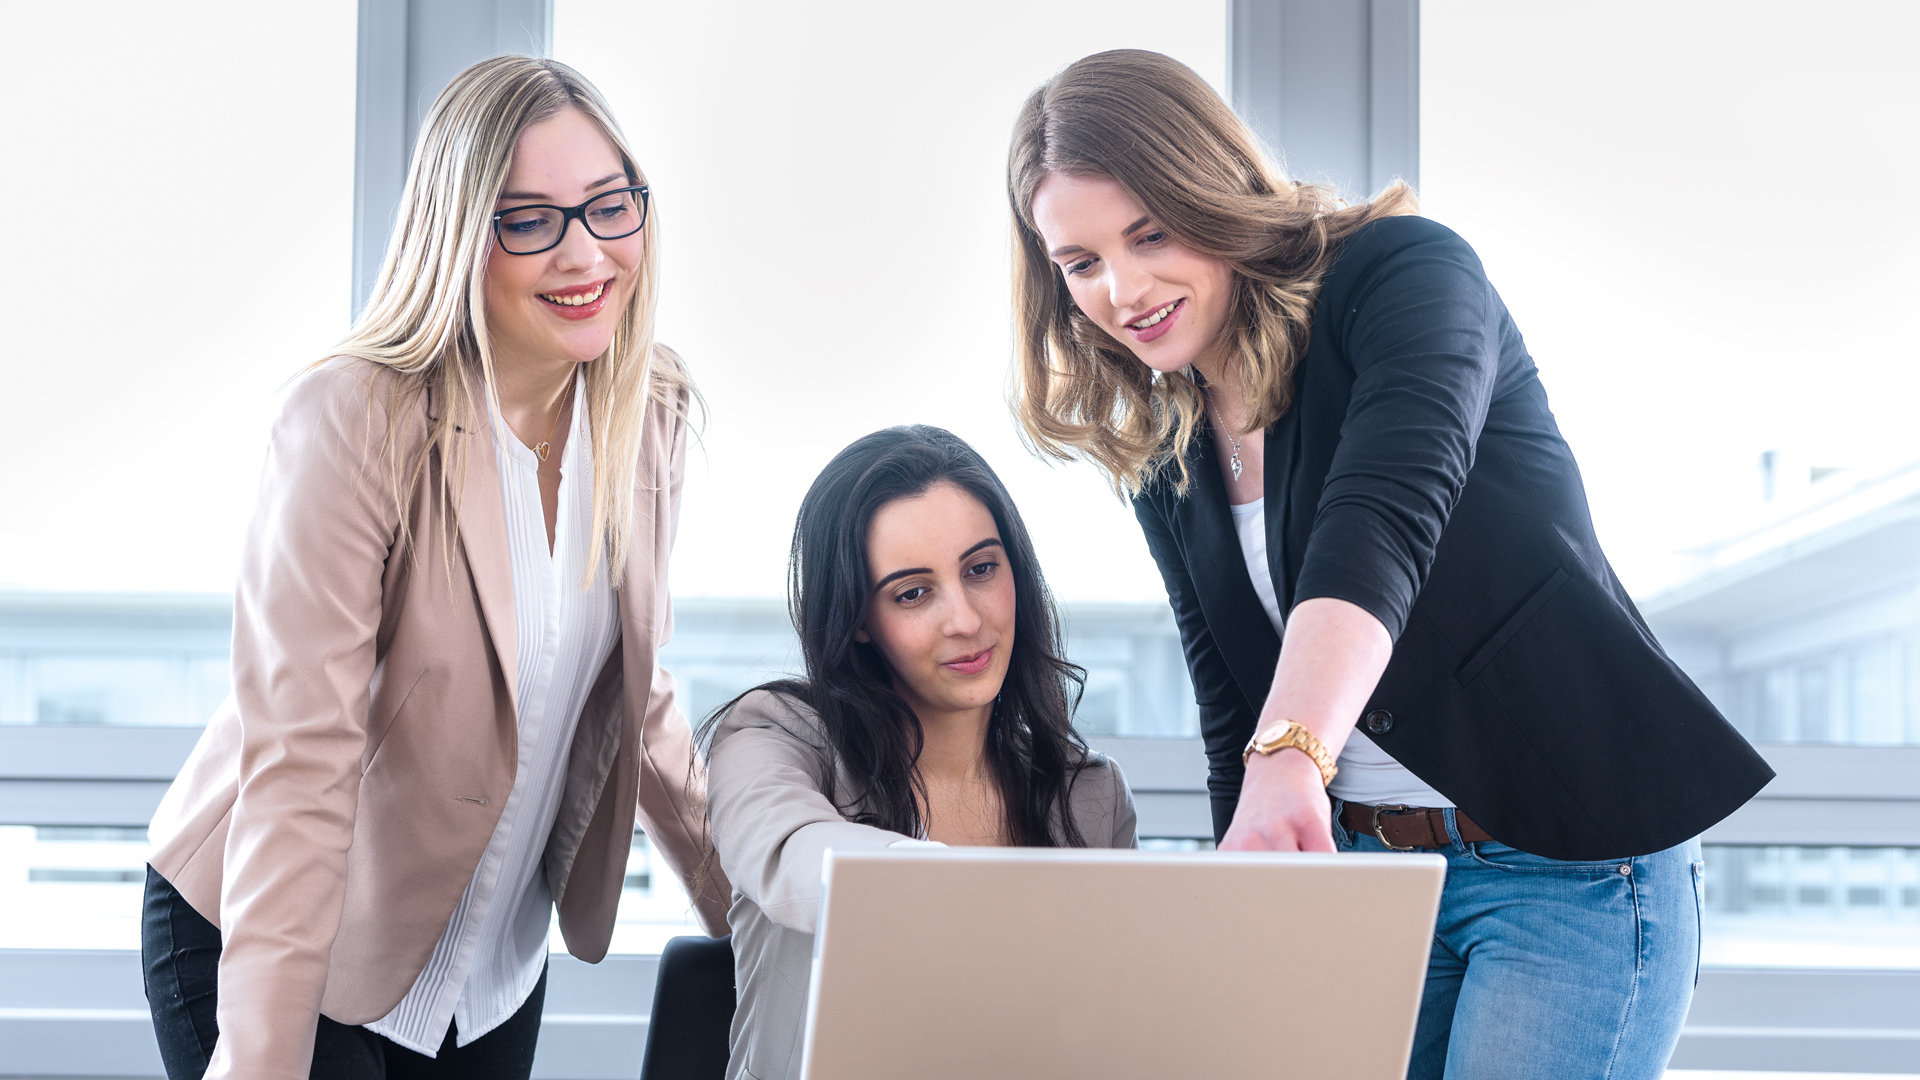 Im Büro: Drei junge Mitarbeiterinnen sind um einen Laptop versammelt.